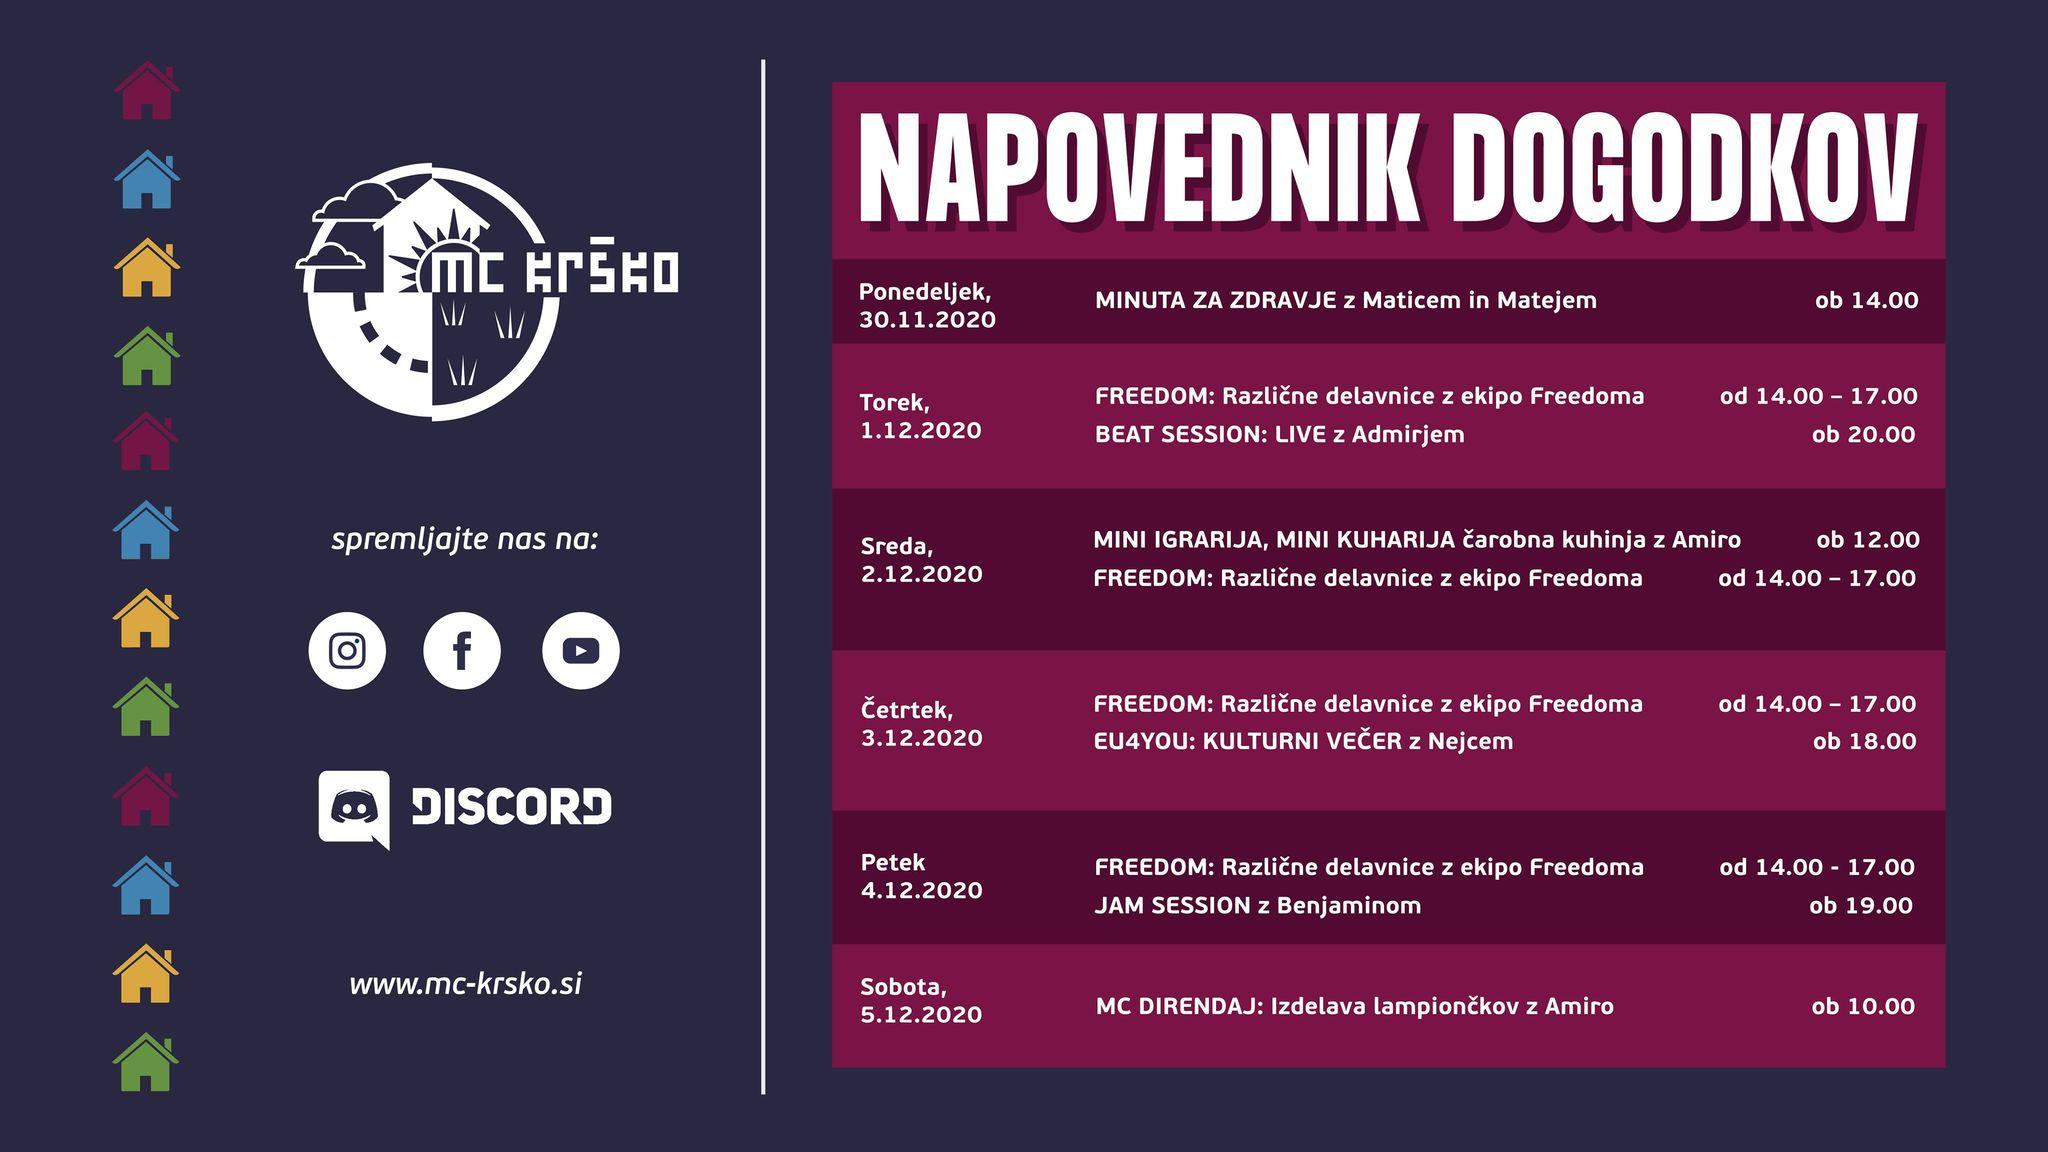 Napovednik dogodkov MC Krško 30.11.-5.12.2020